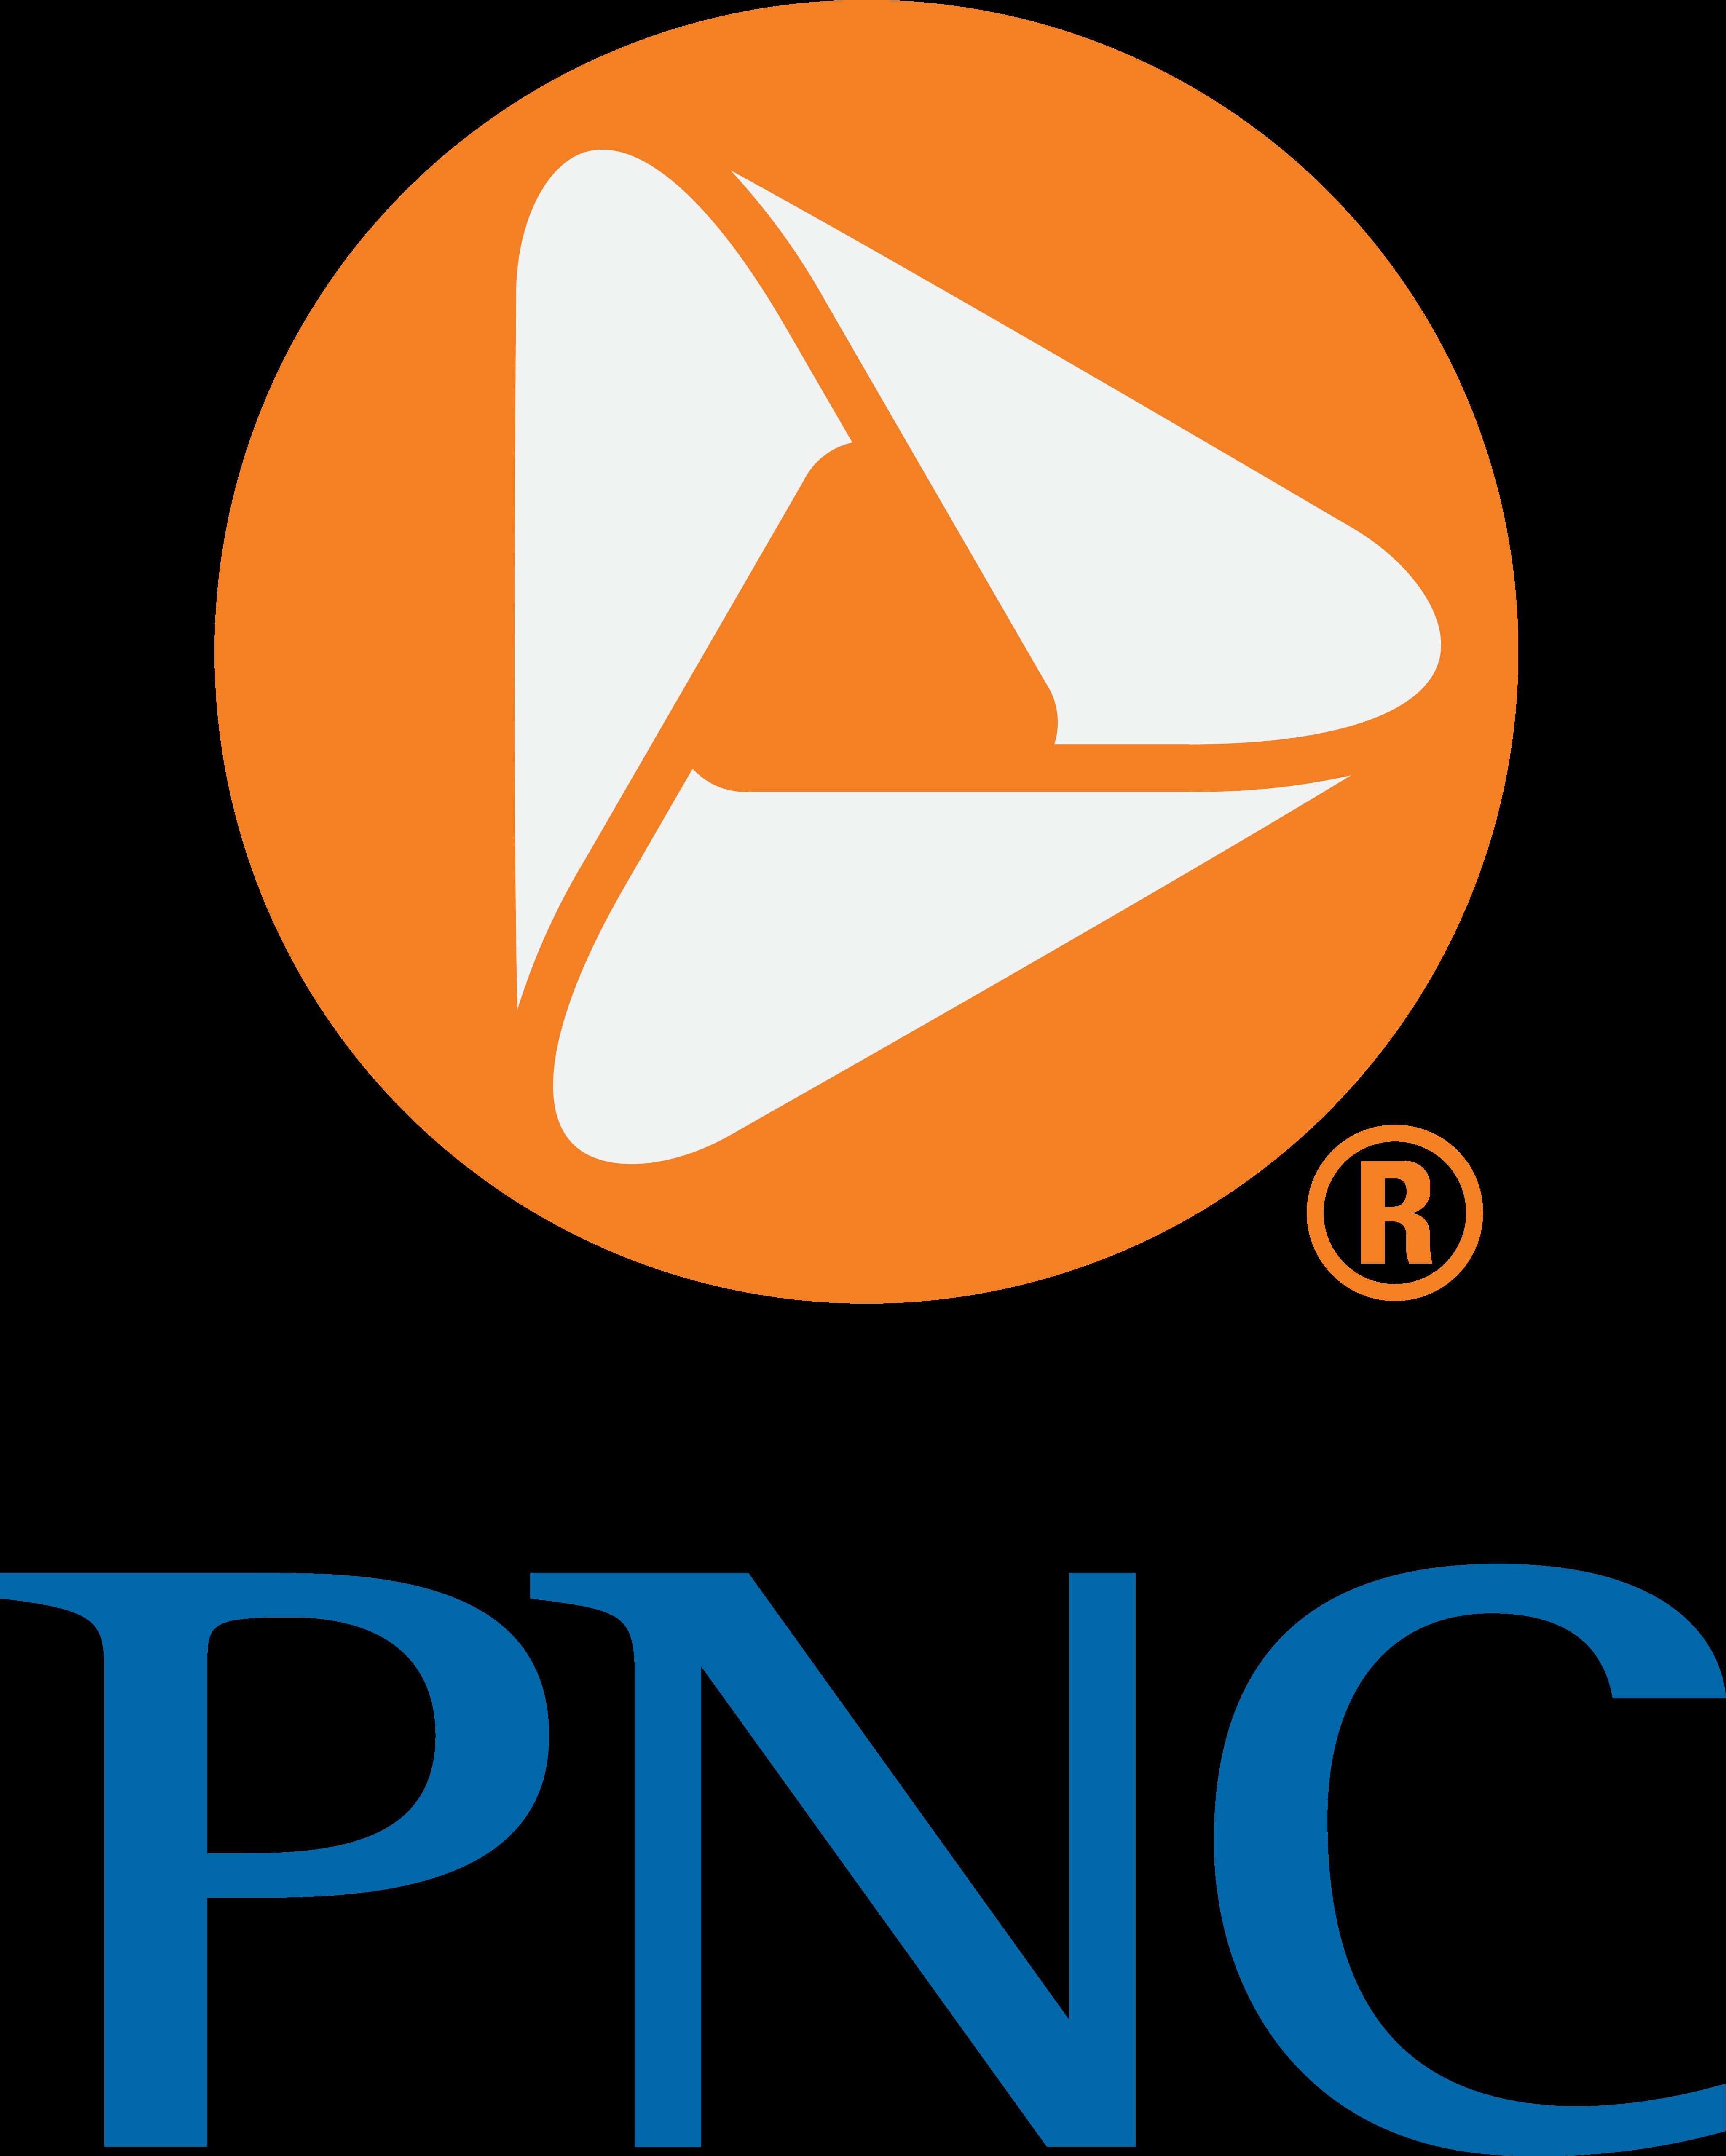 pnc bank logo 2 - PNC Bank Logo